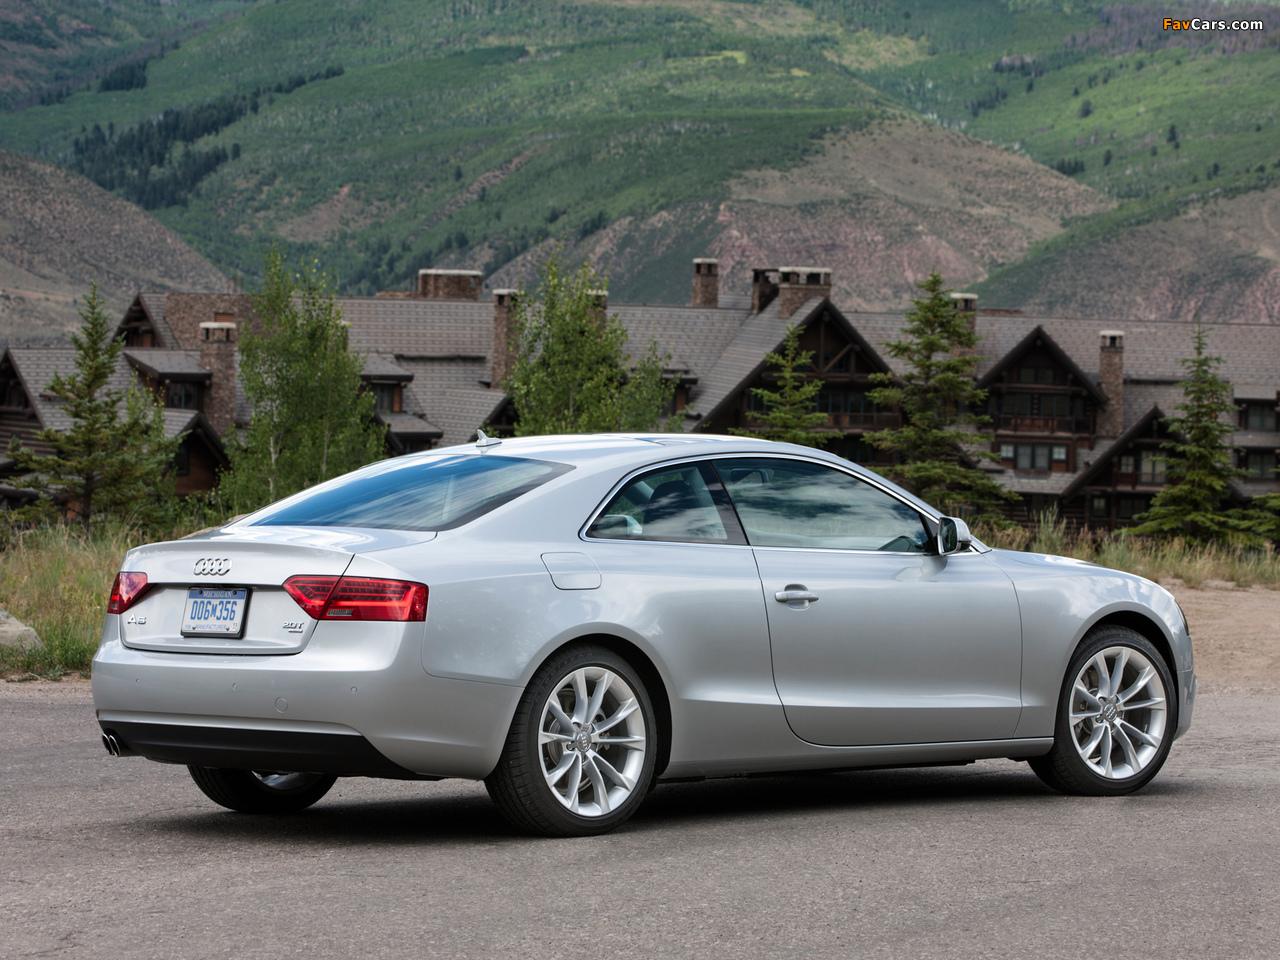 Audi A5 2 0t Coupe Us Spec 2012 Images 1280x960